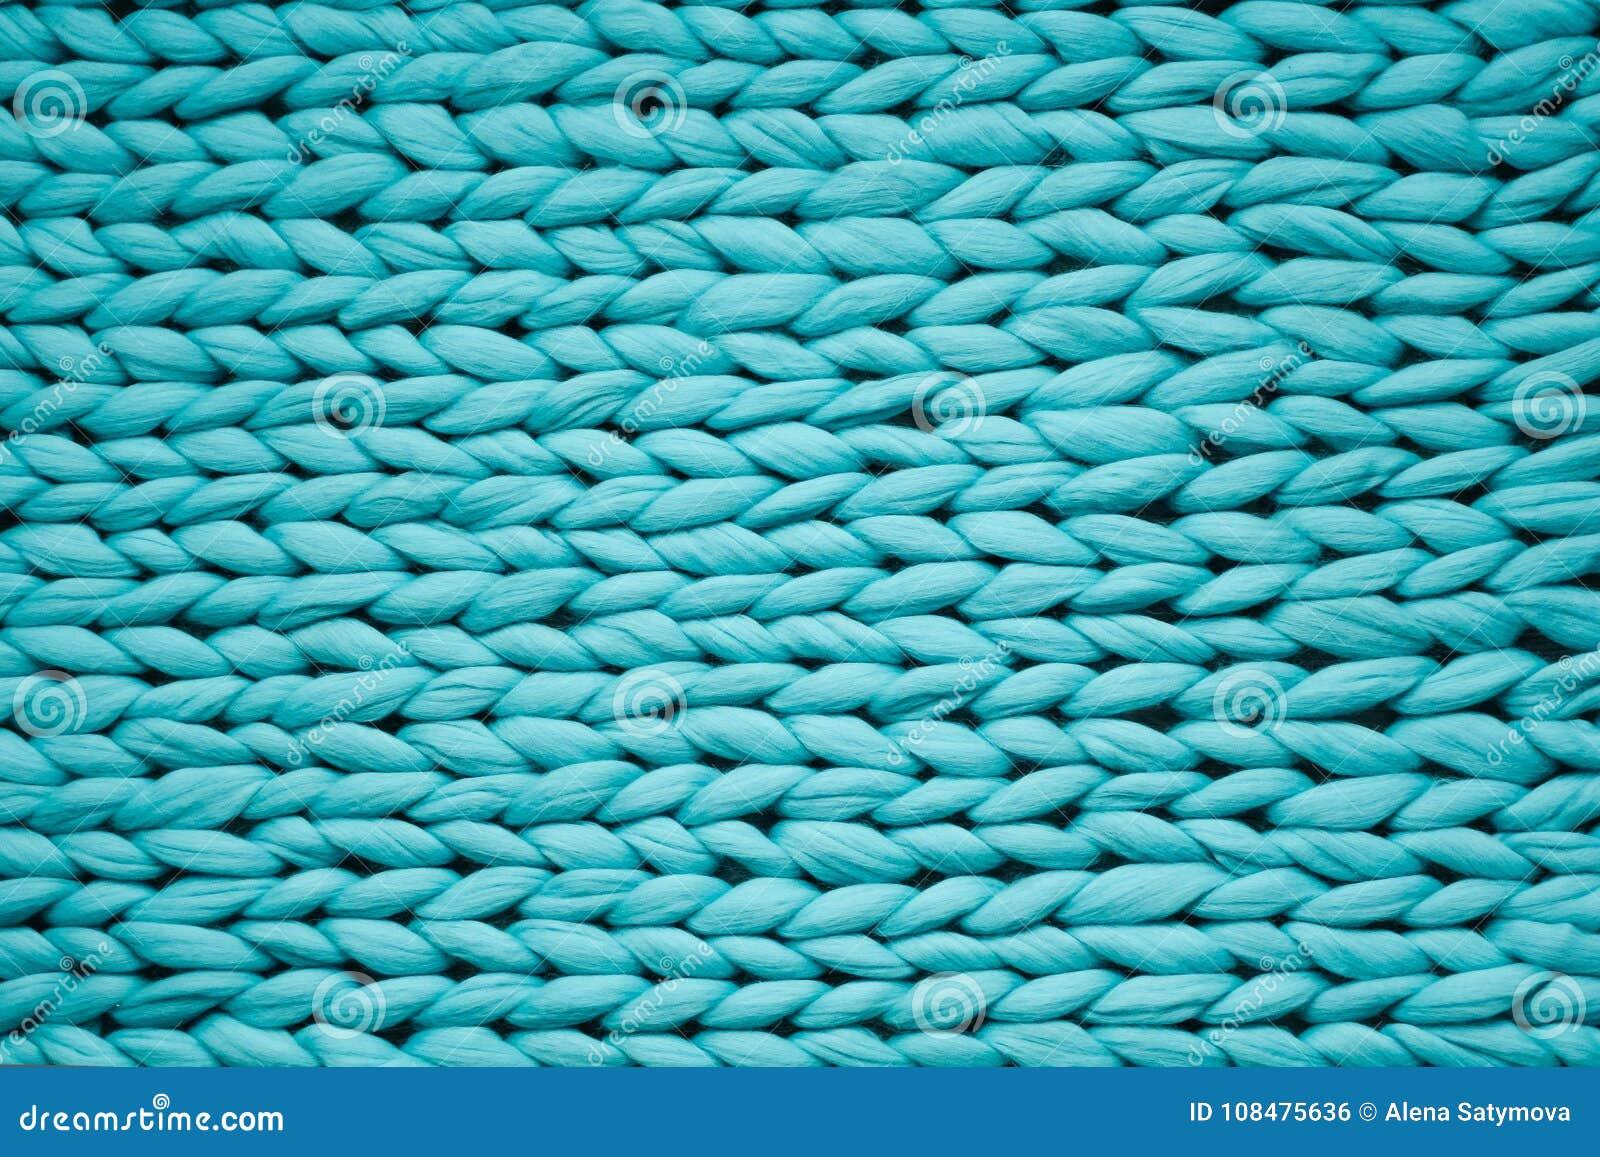 Tekstura błękitna dzianiny koc Wielki dzianie Szkocka krata merynosów wełna Odgórny widok